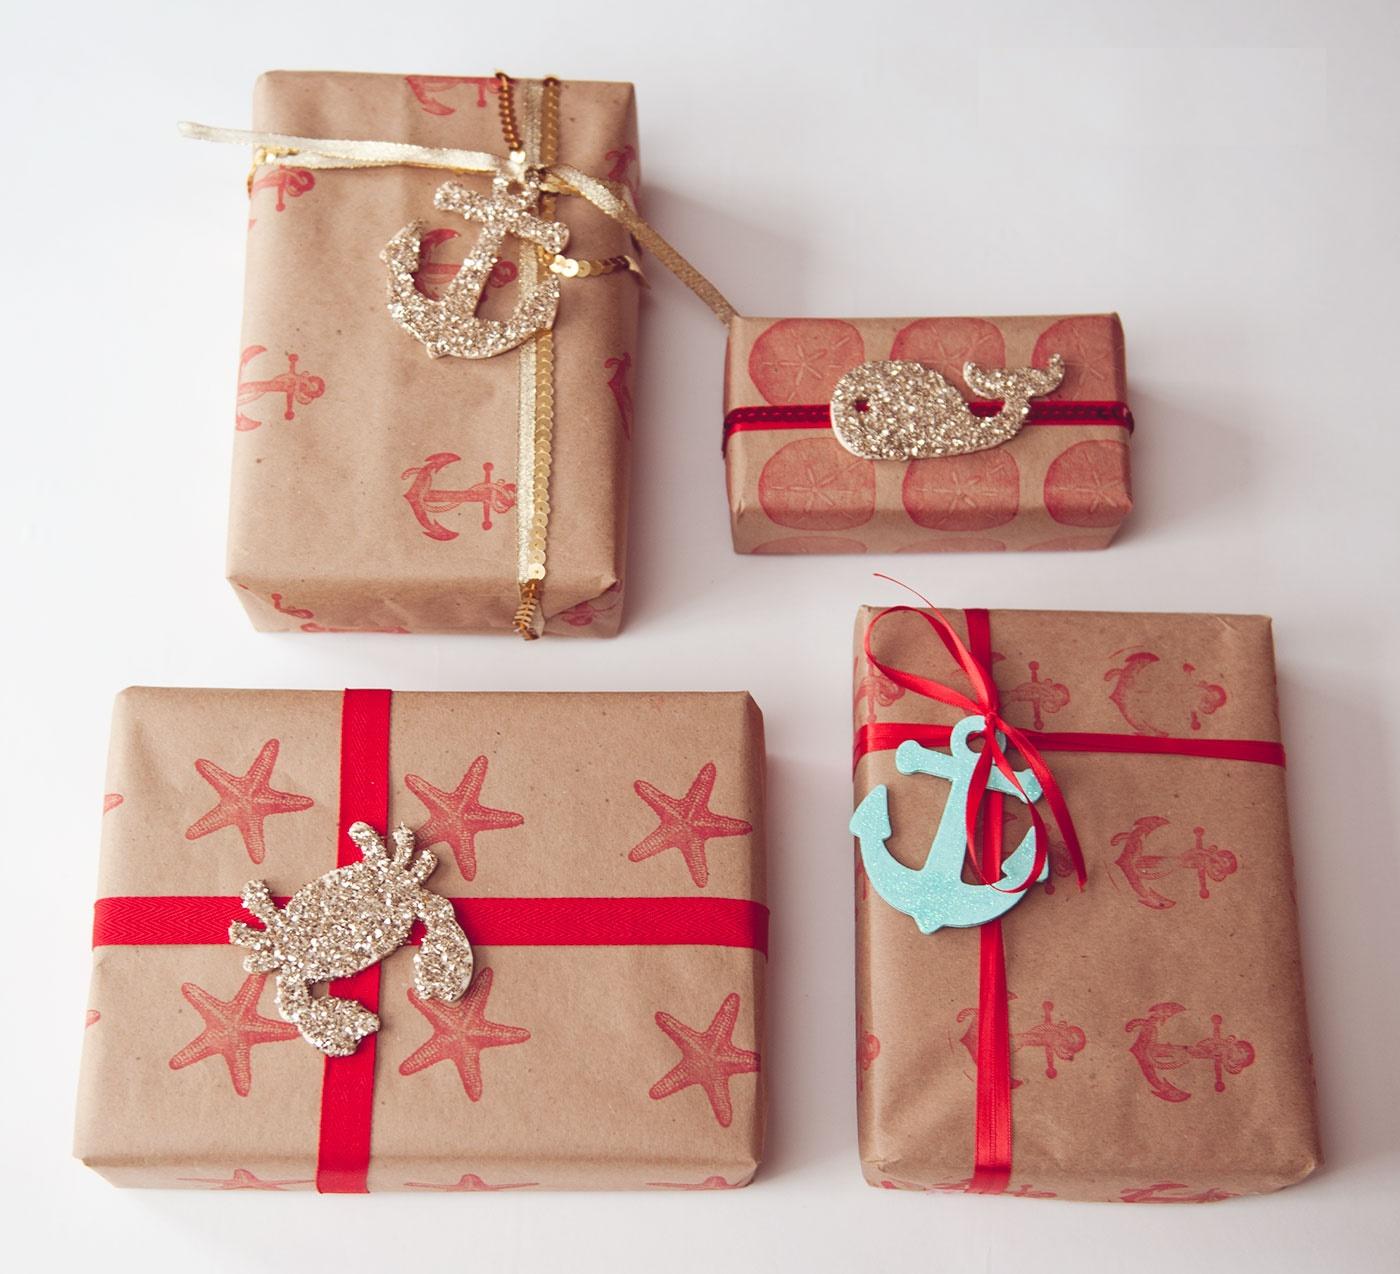 Как запаковать подарок в подарочную бумагу своими руками?